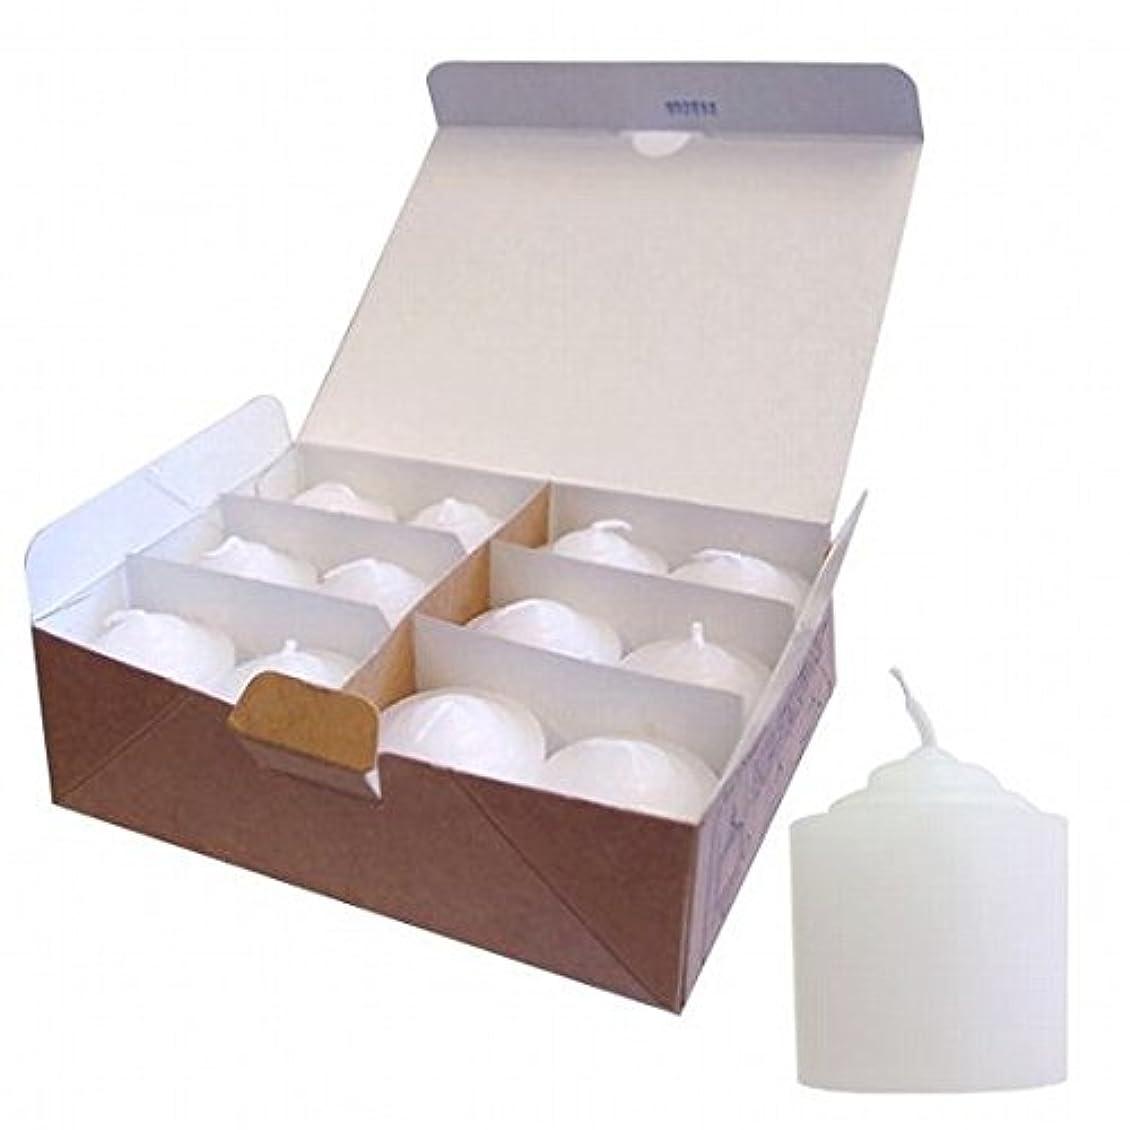 鎮静剤支払う拍車kameyama candle(カメヤマキャンドル) 8Hライト(8時間タイプ)12個入り(77960088)